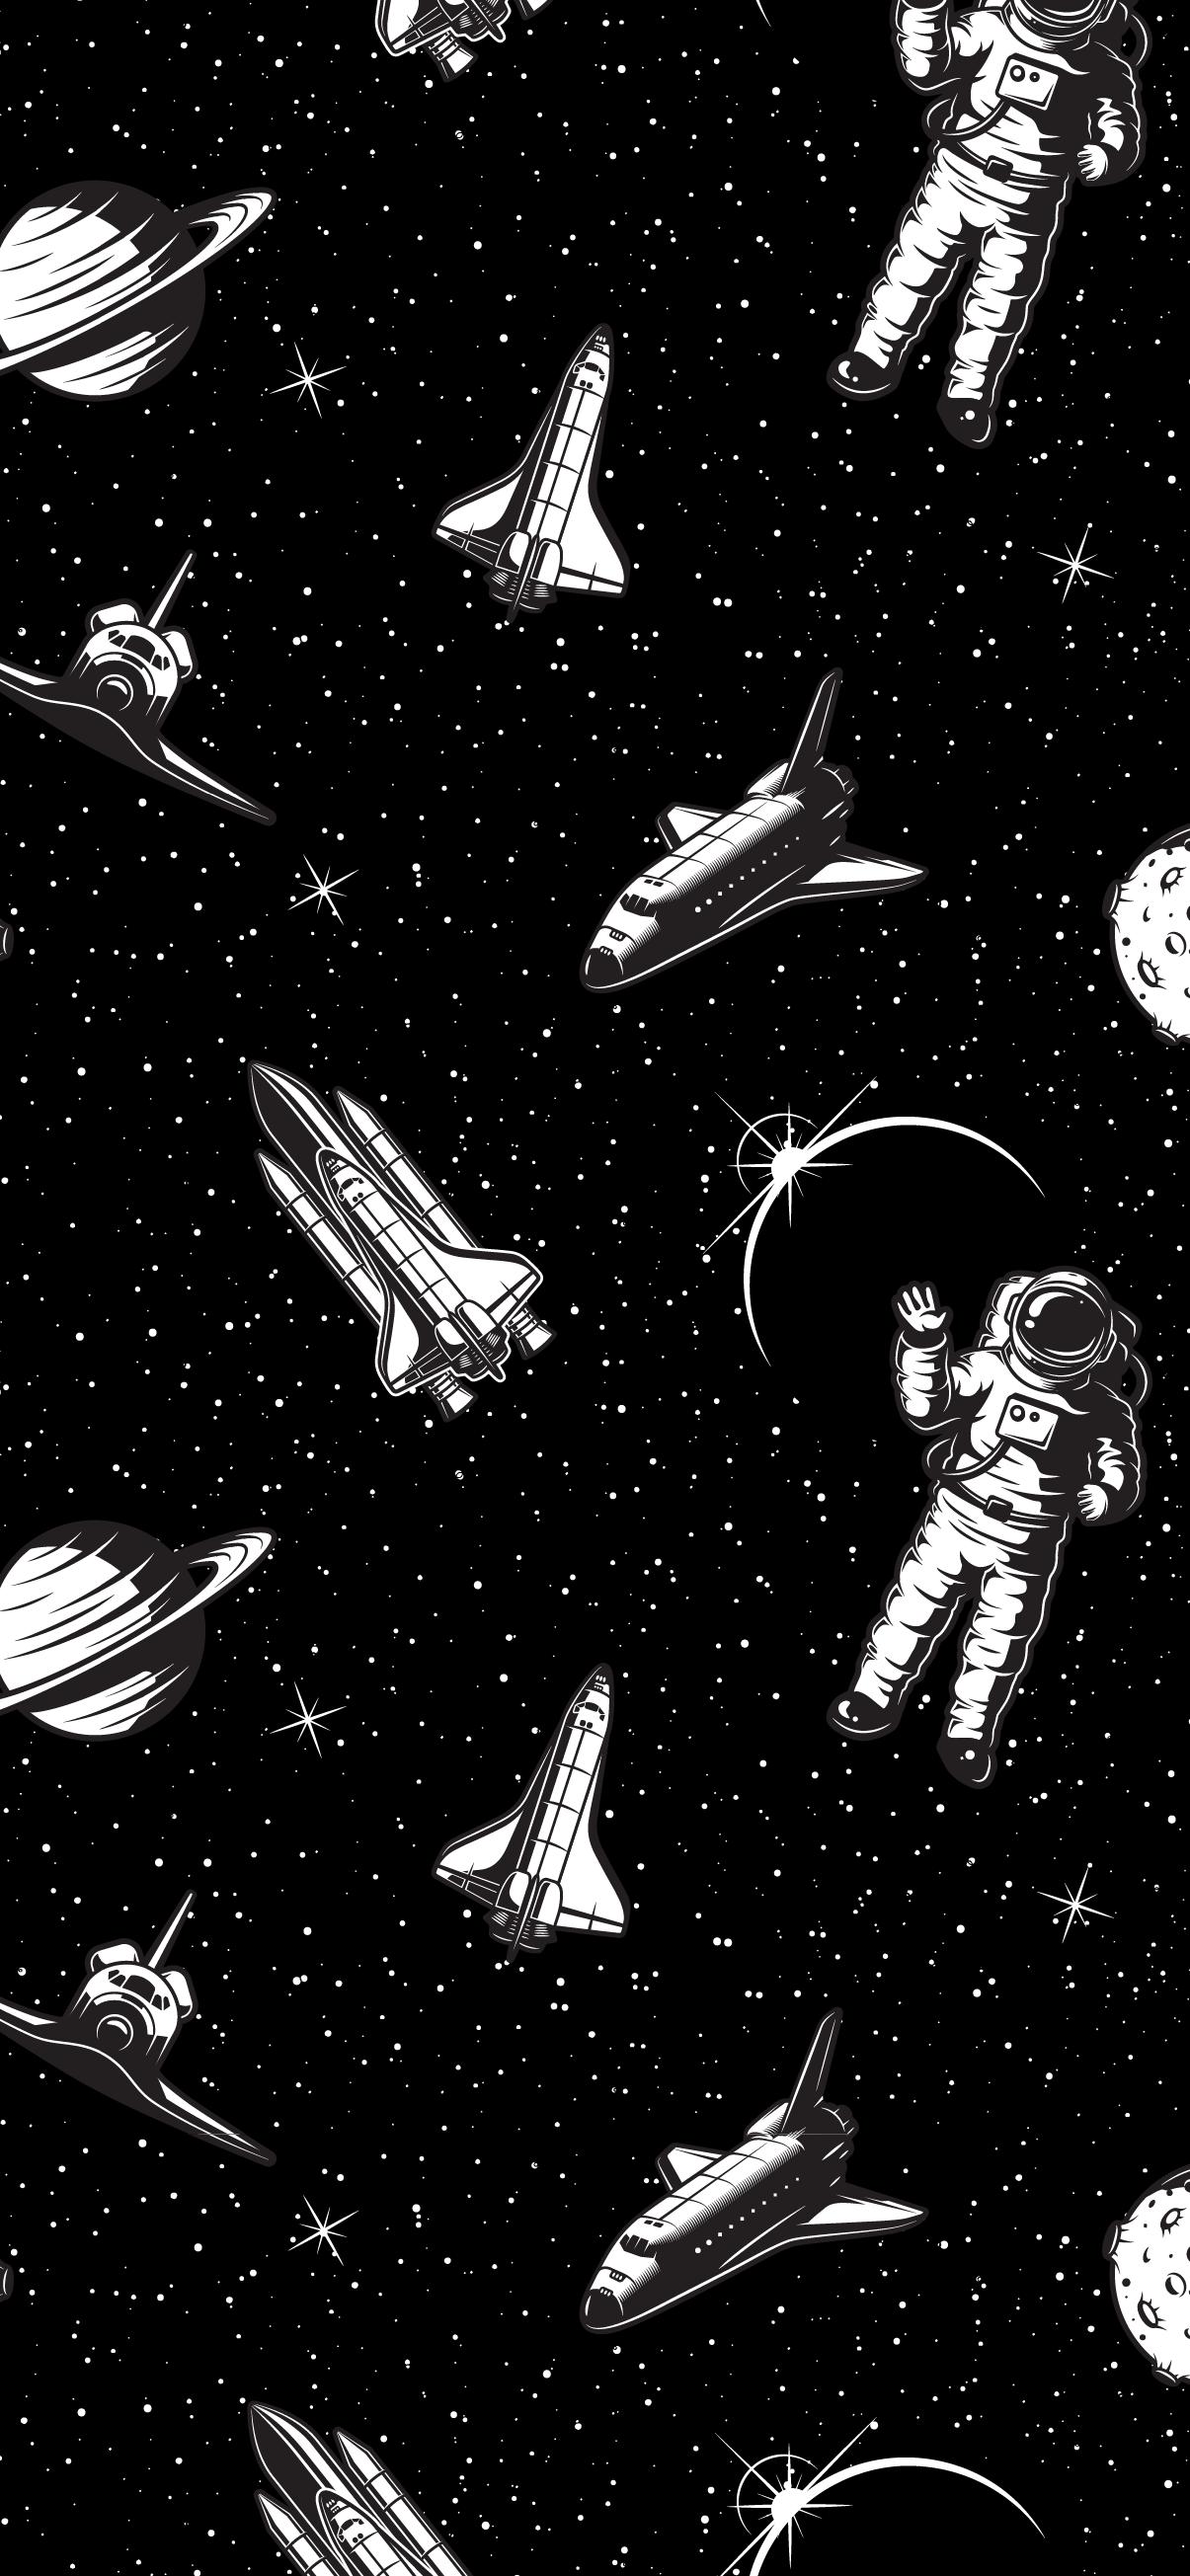 ATRONAUT SATURN SPACESHIP AMOLED BLACK OLED PATTERN SPACE